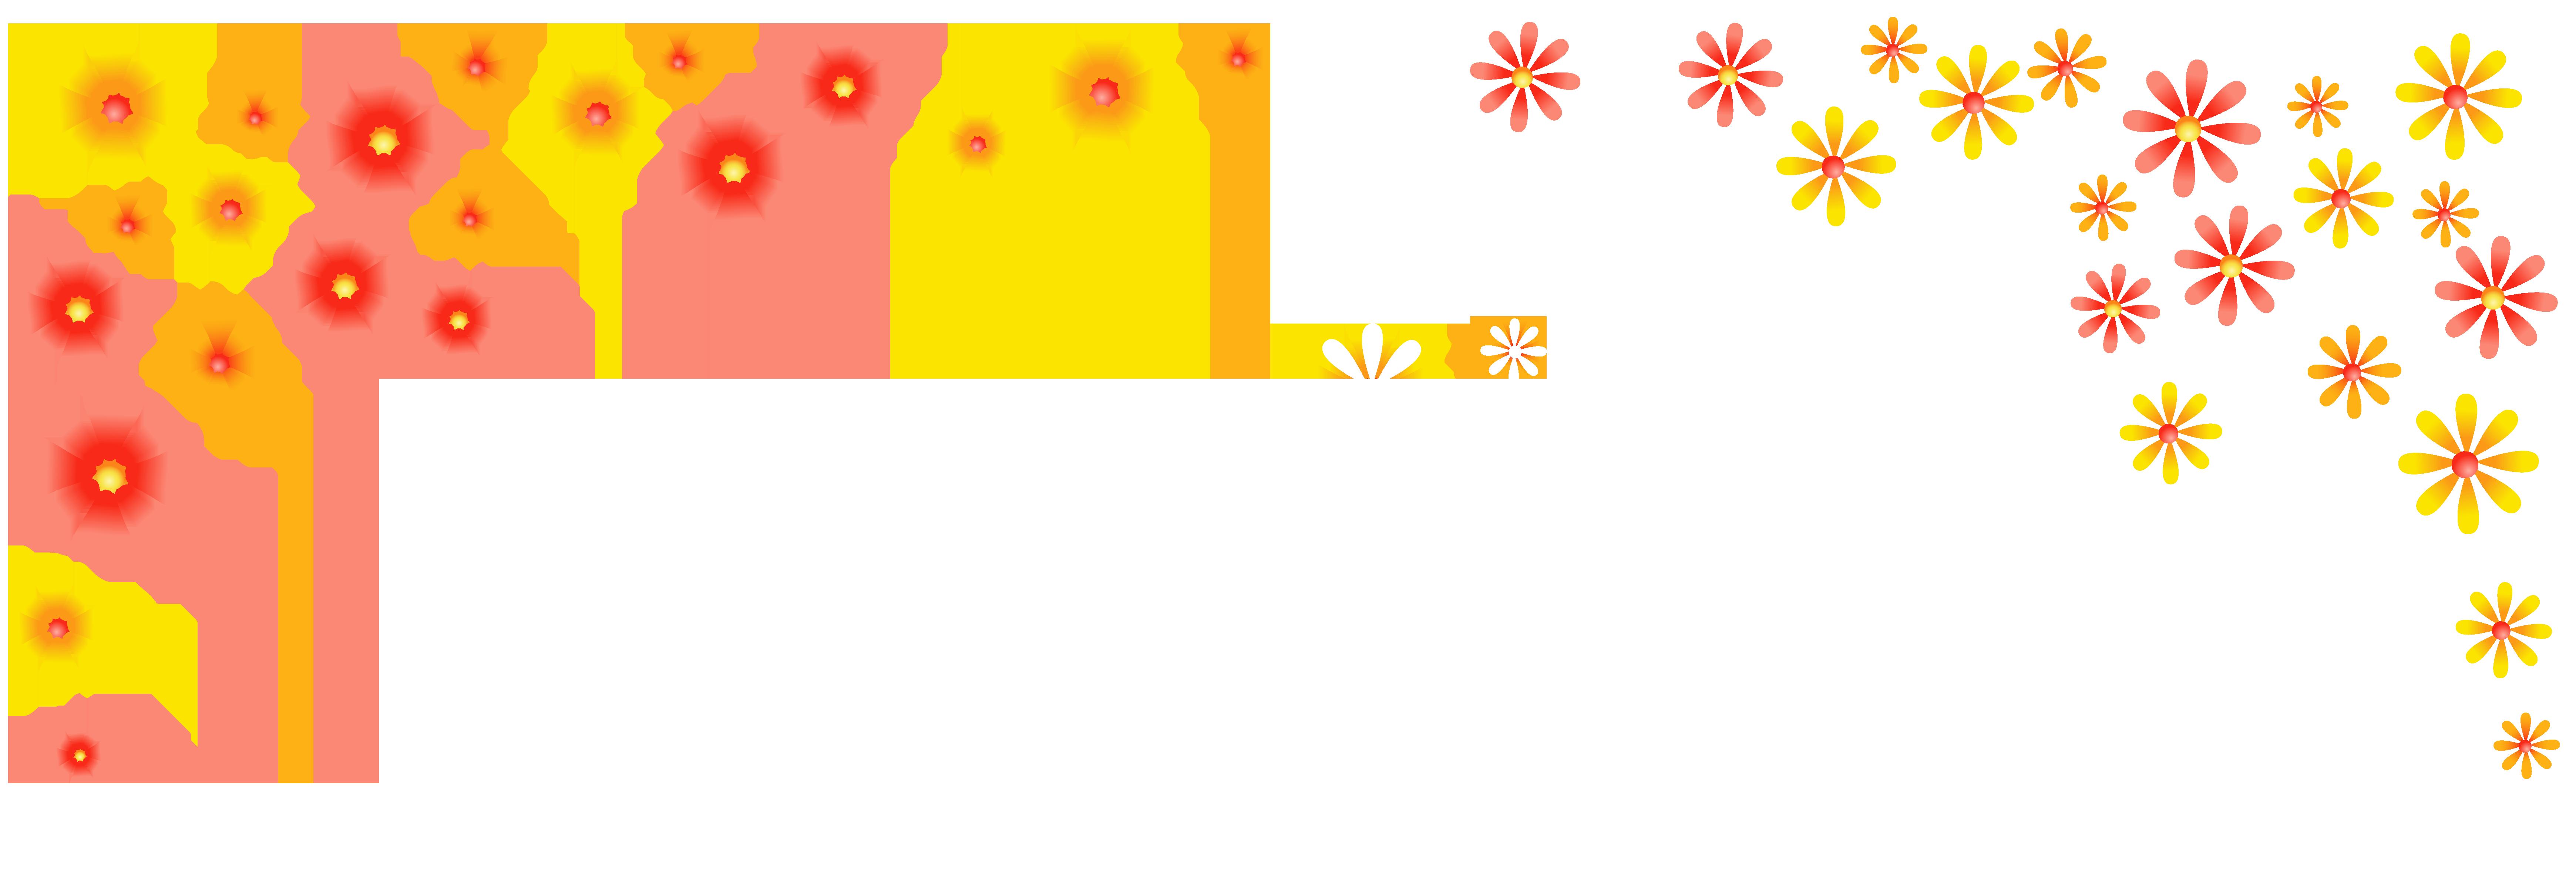 Floral decoration clipart png transparent download Floral Decoration Clipart Image | Gallery Yopriceville - High ... png transparent download